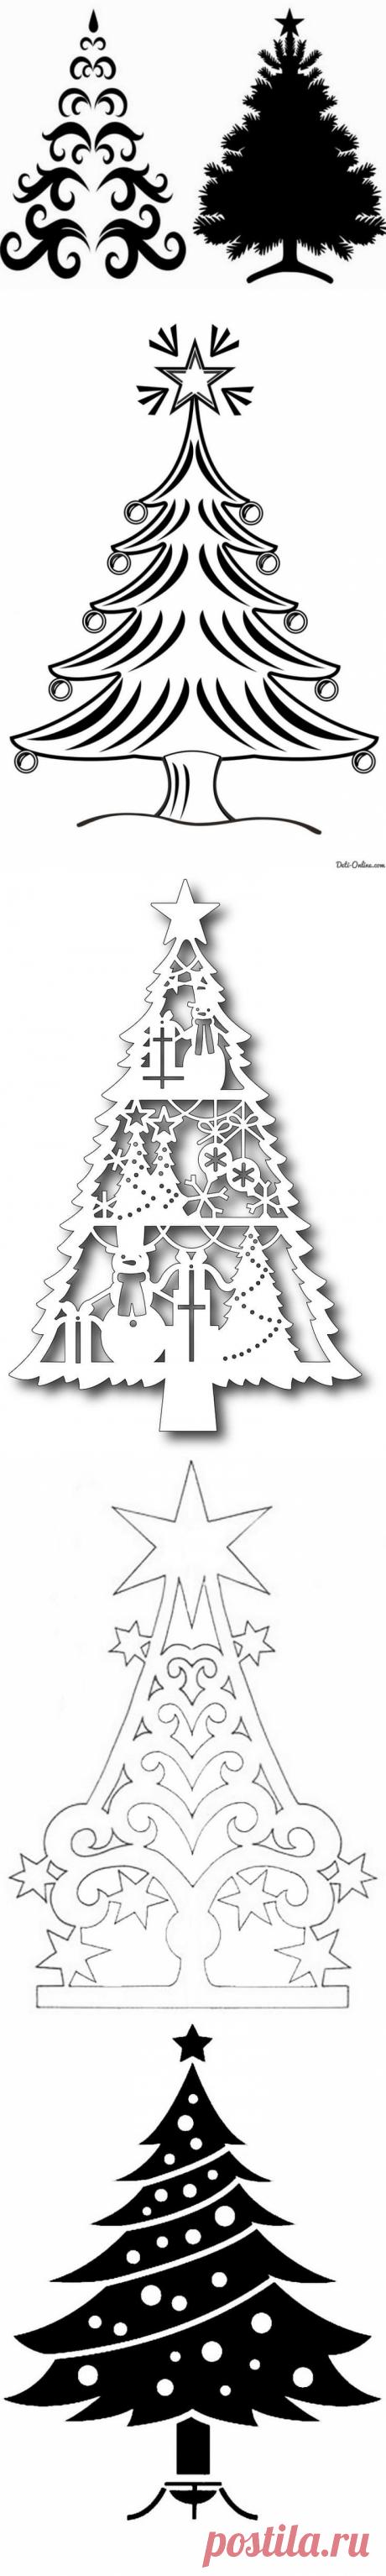 Шаблоны елки на окна к Новому году 2021 для вырезания формата А4 (распечатать)